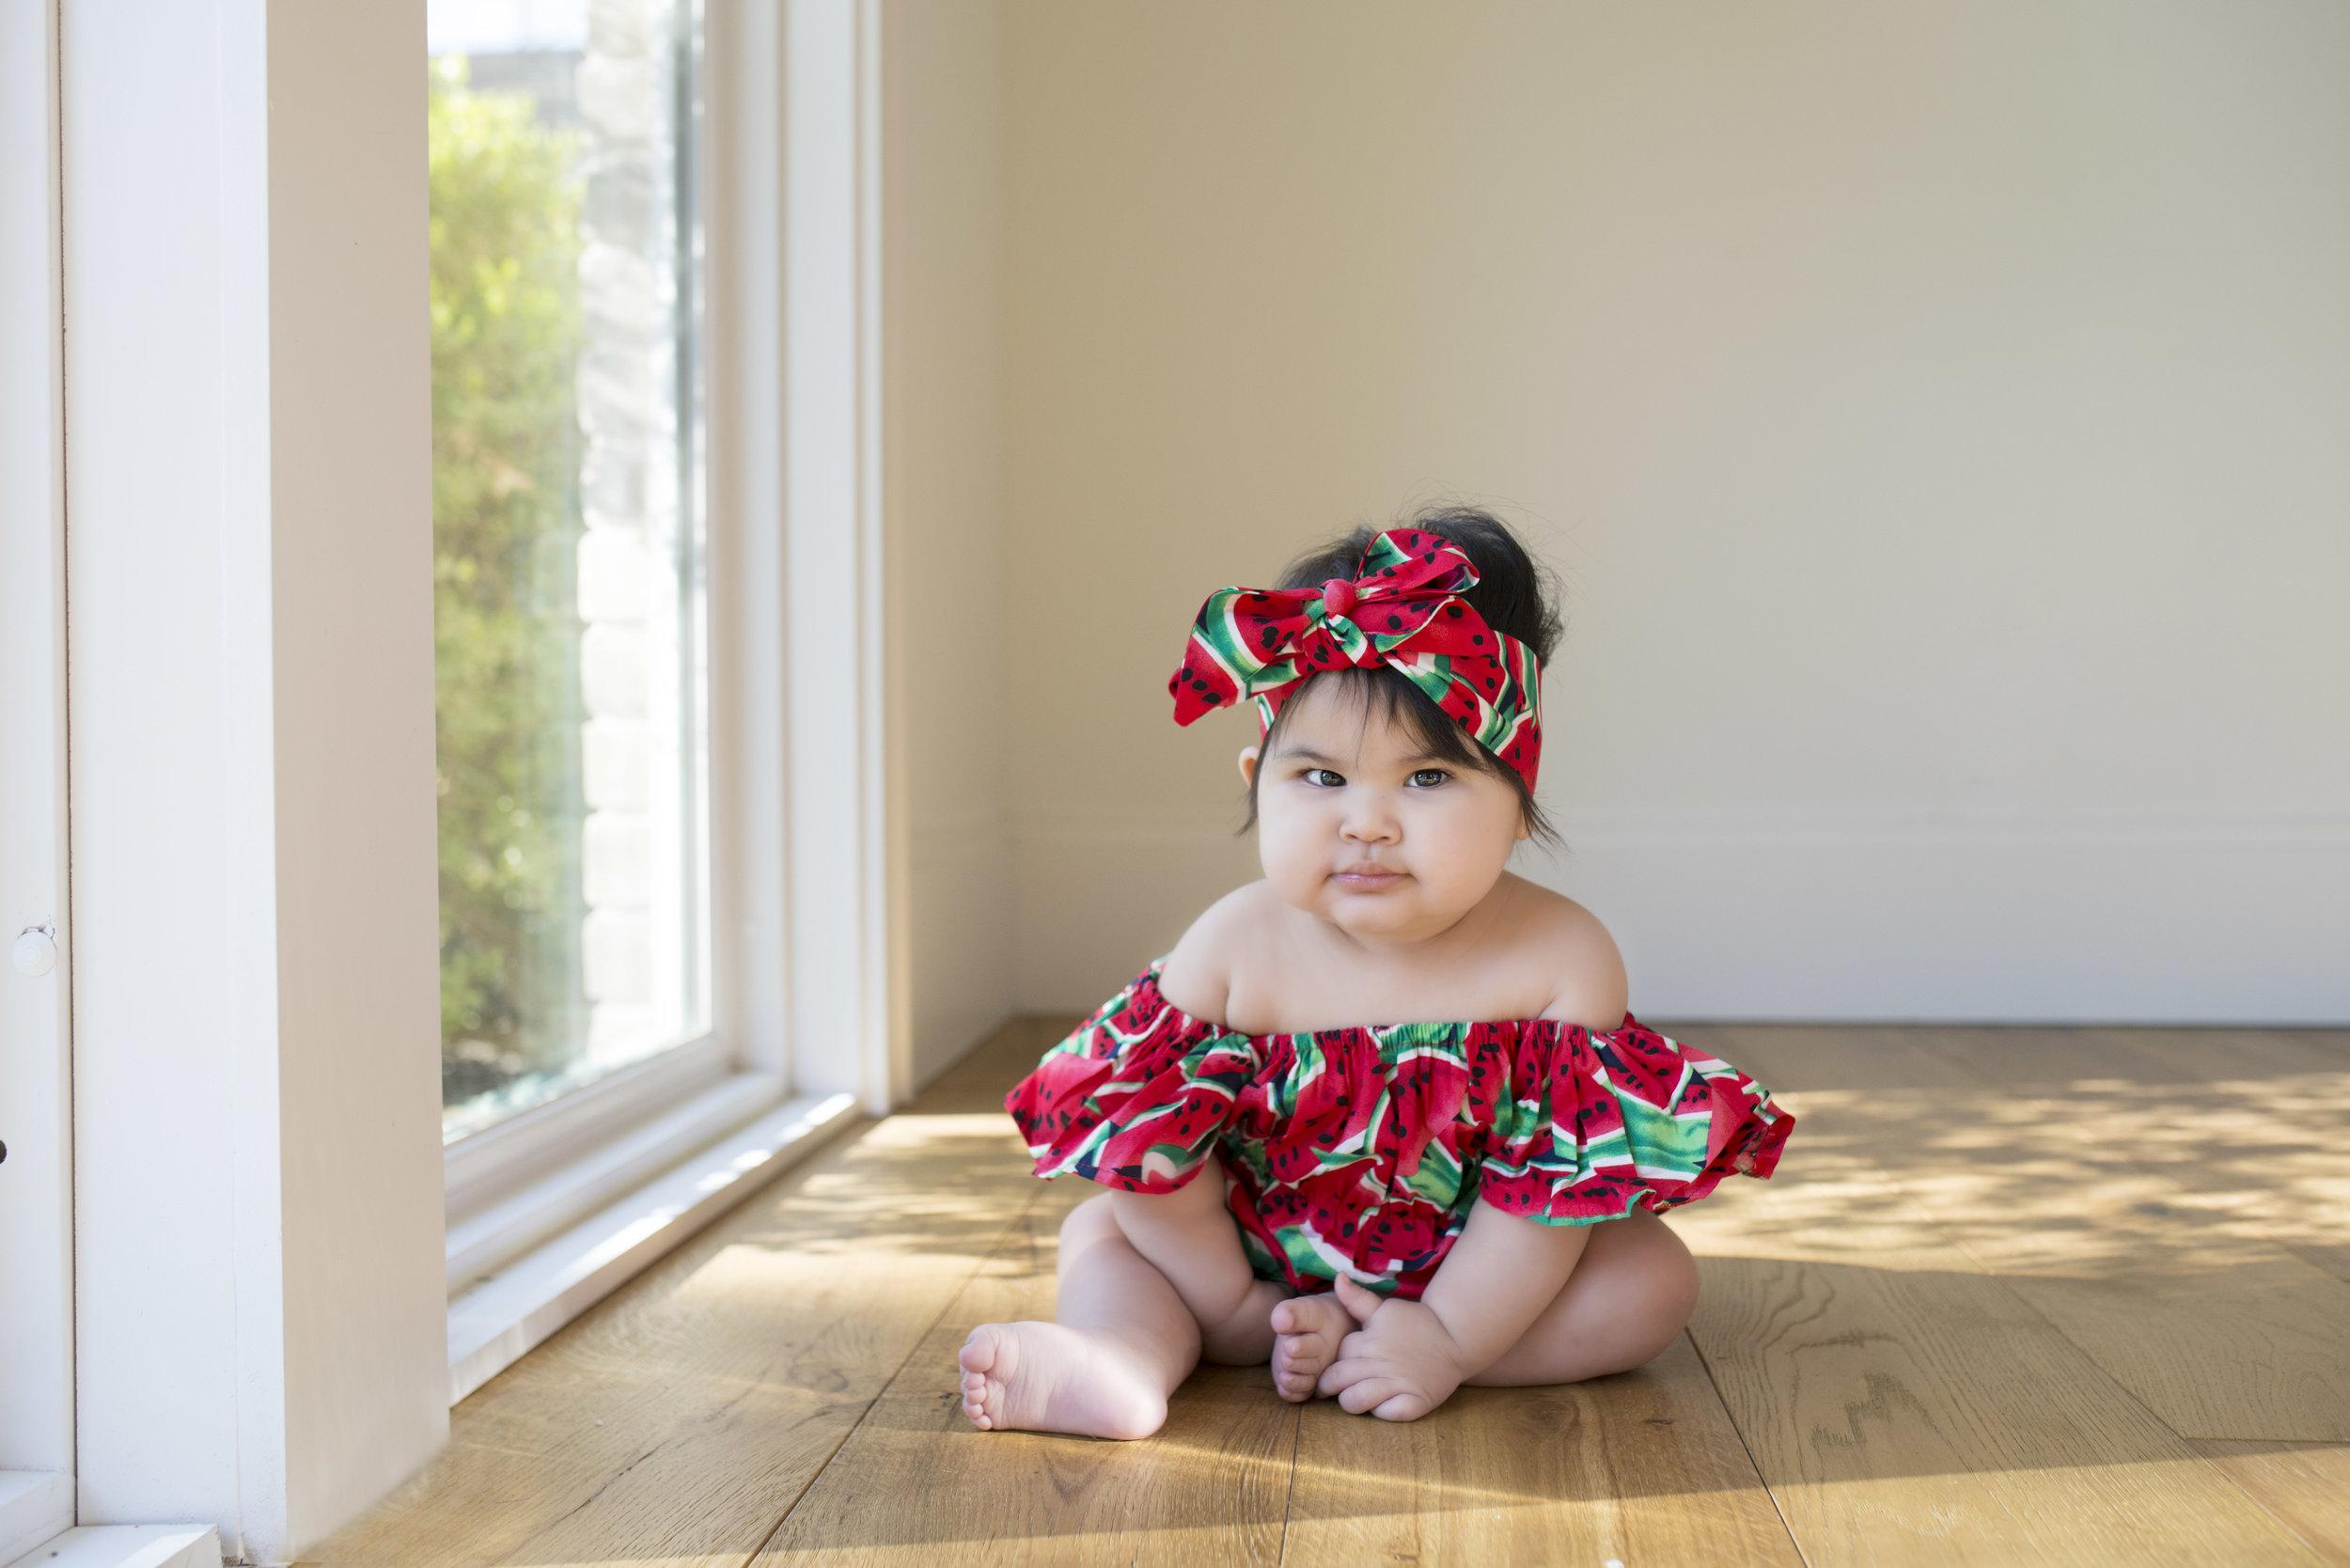 164fffdd75b2 Watermelon Romper + Headband — Tiny V s Closet